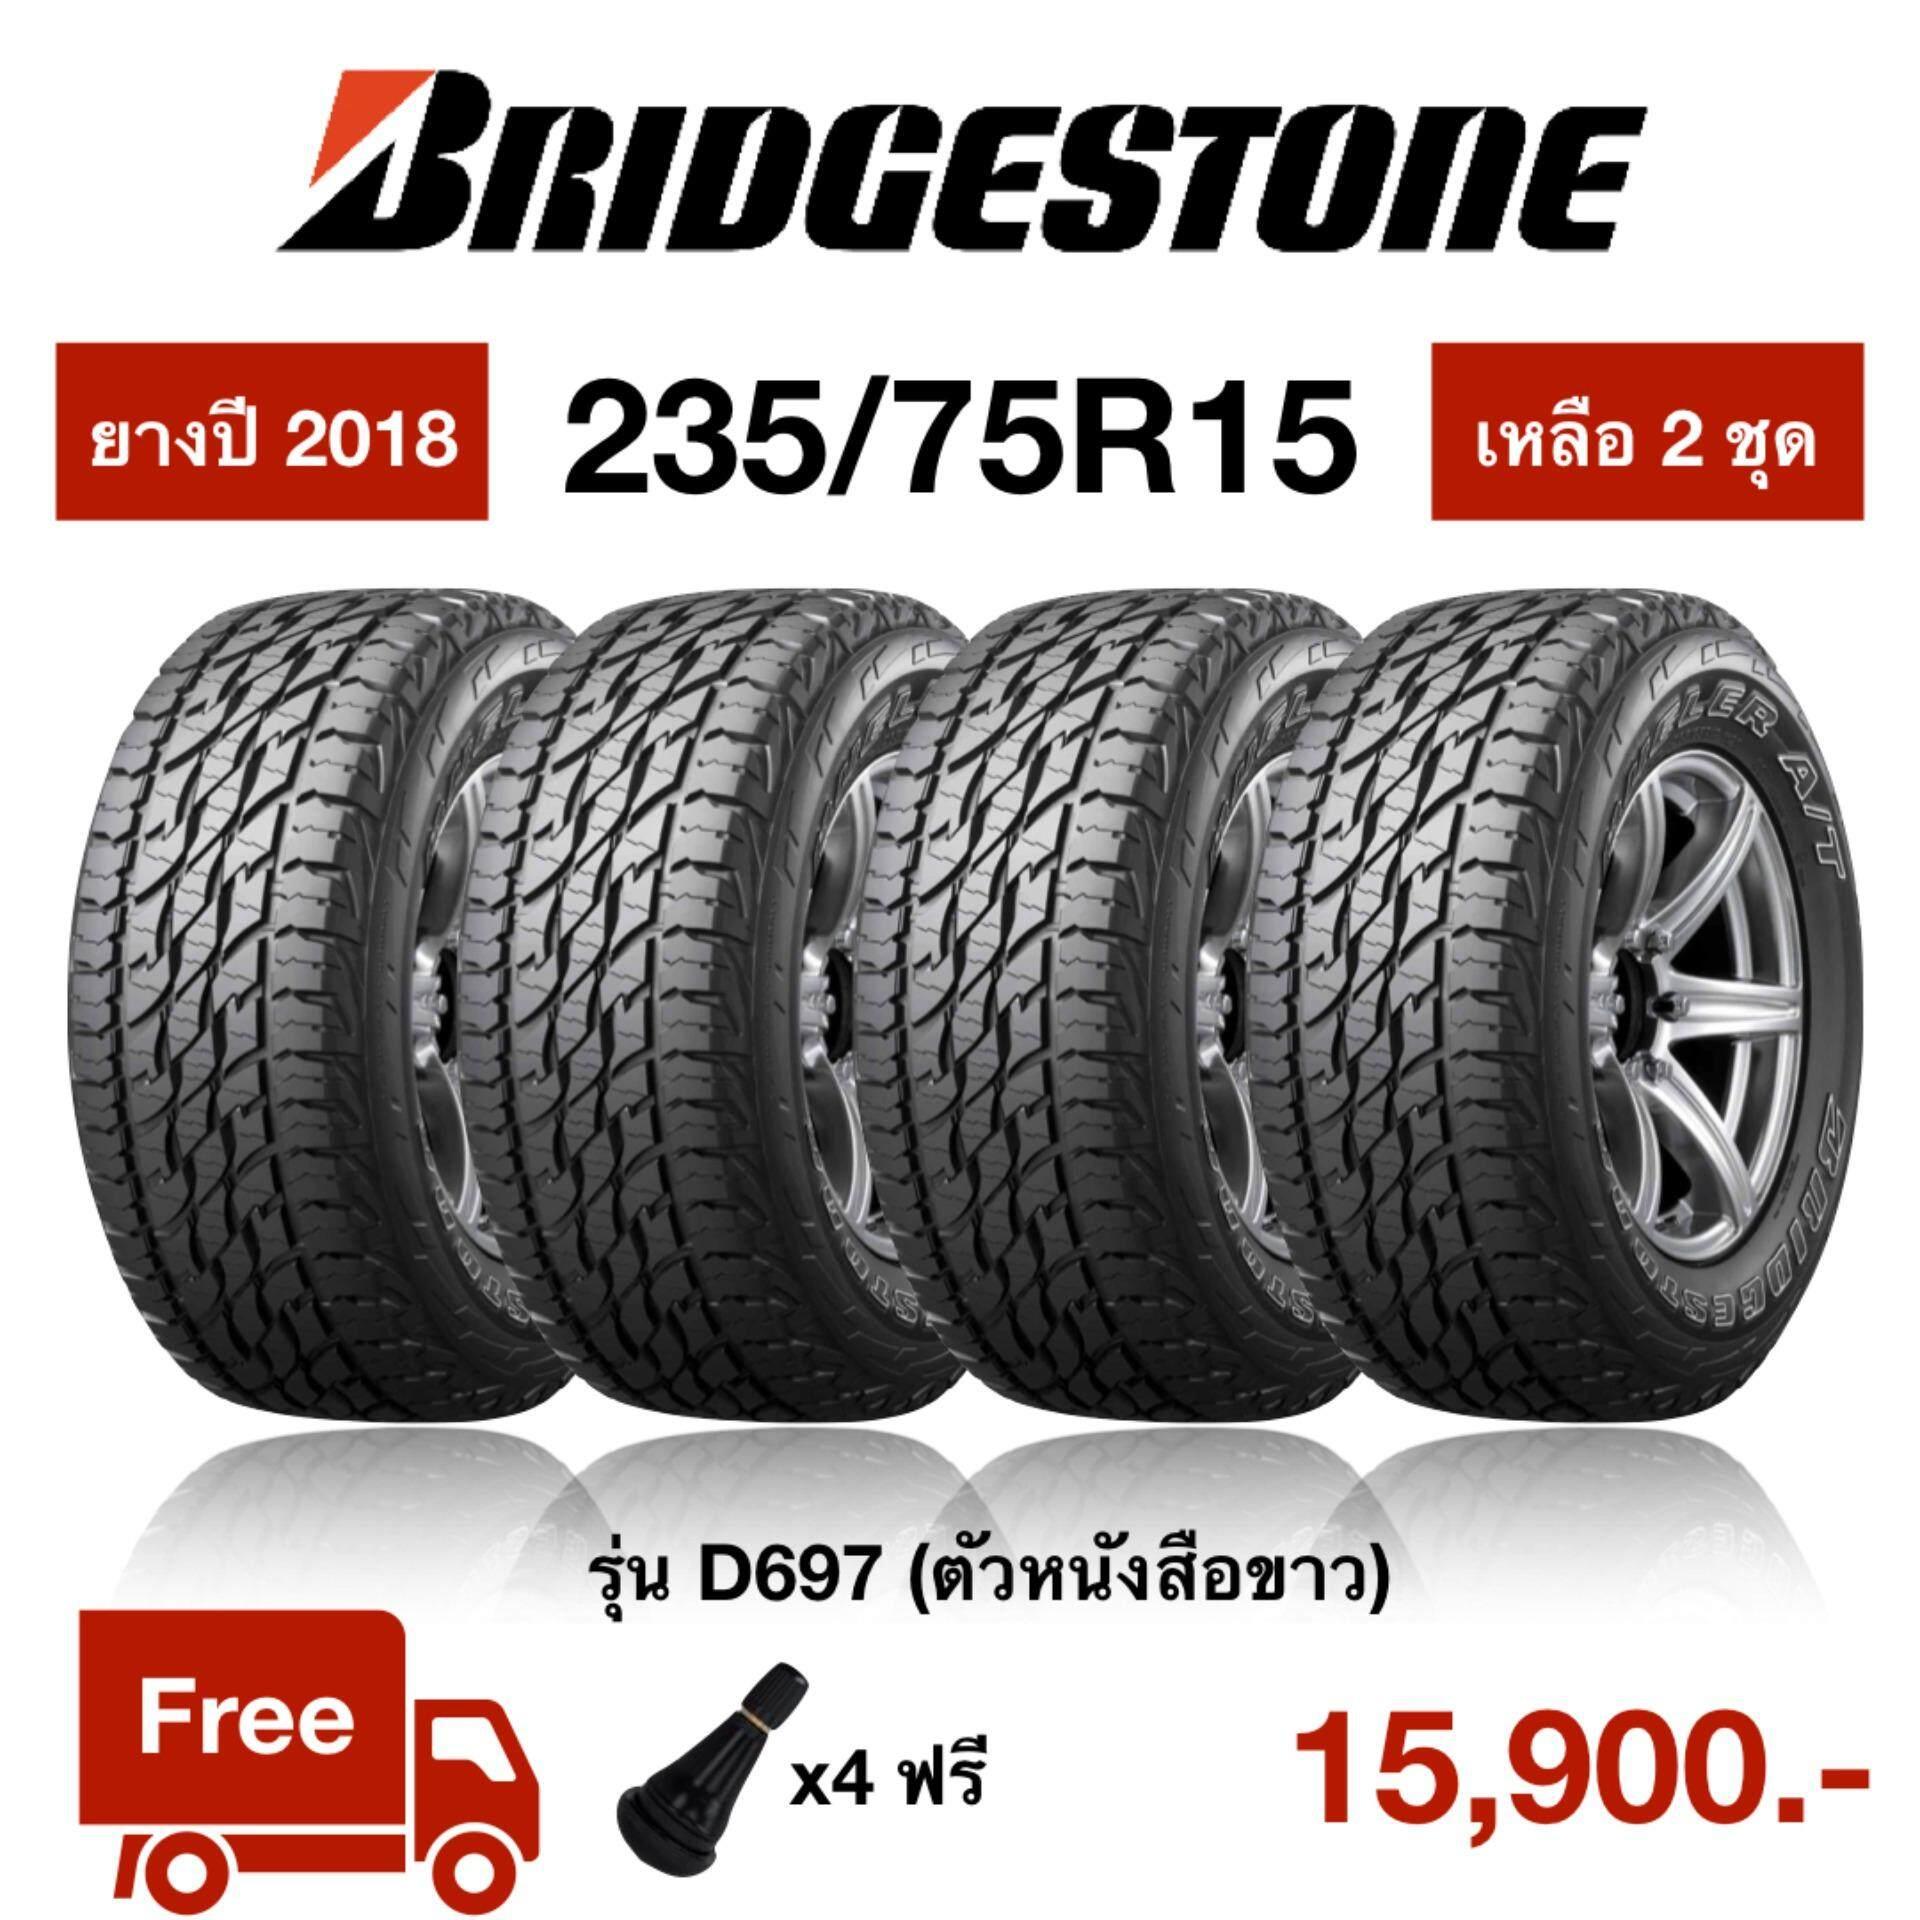 ประกันภัย รถยนต์ 2+ สุรินทร์ Bridgestone ยางรถยนต์ 235/75R15 DUELER A/T 697 ตัวหนังสือขาว จำนวน 4 เส้น (ยางใหม่ปี 2018)